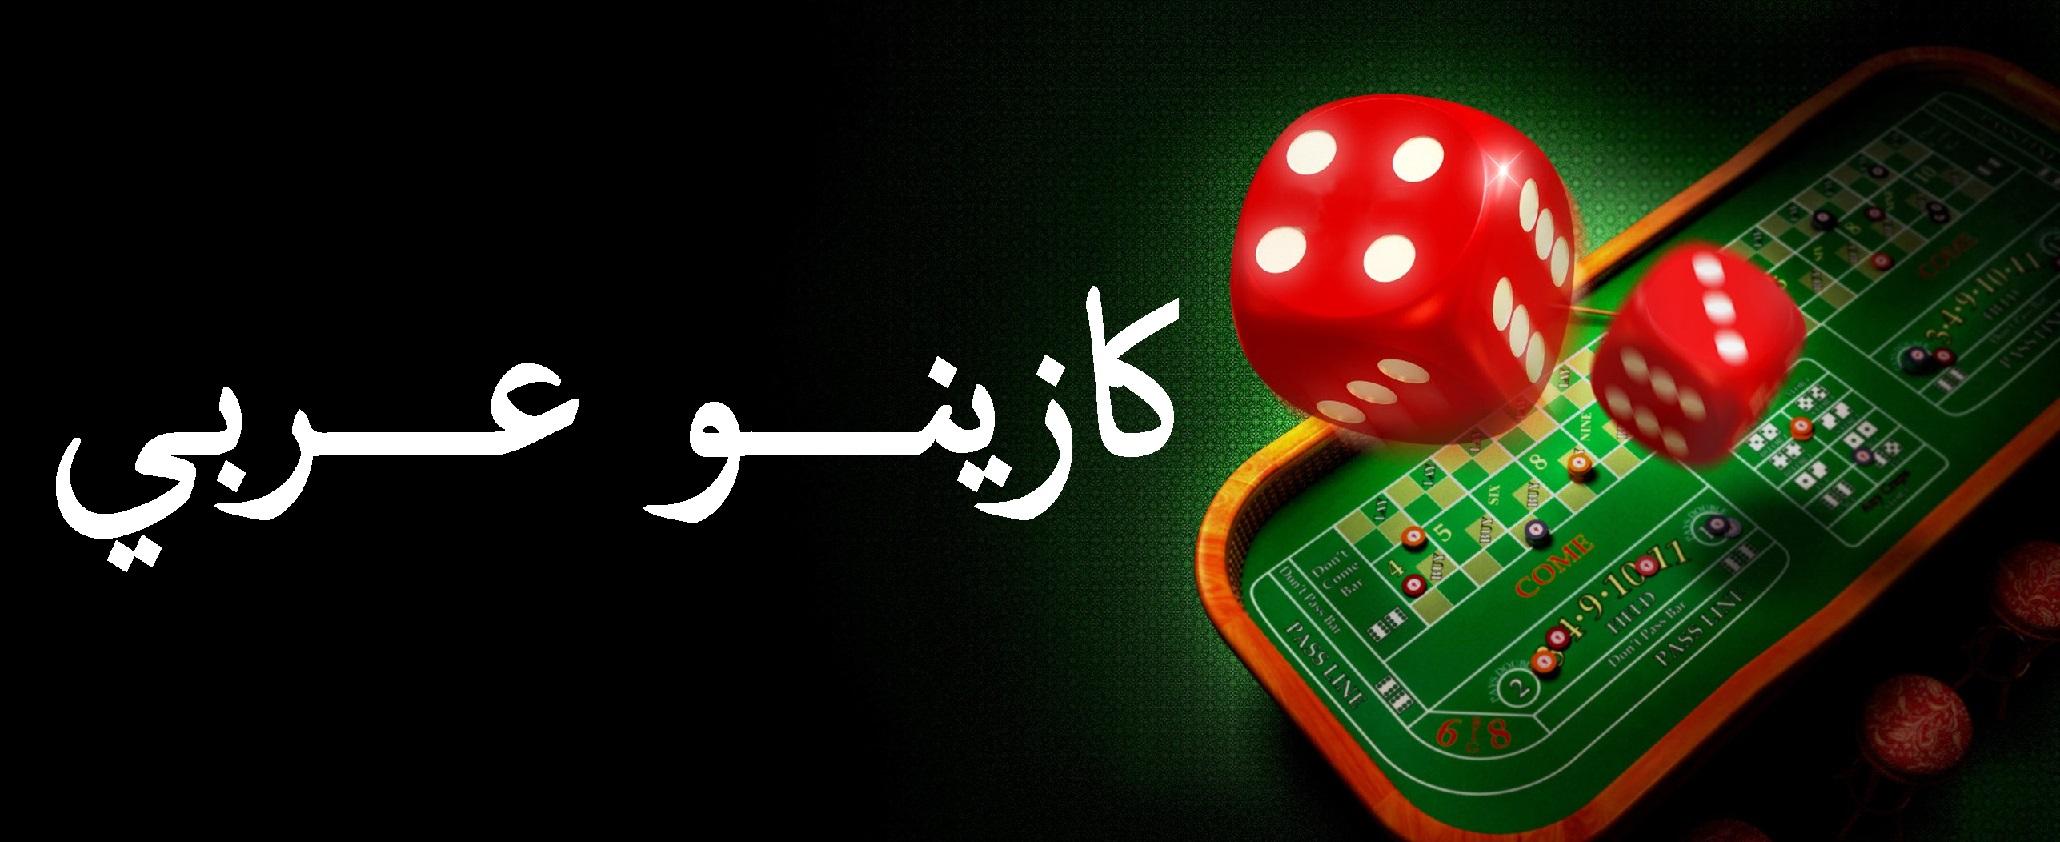 لعبة البوكر 35450